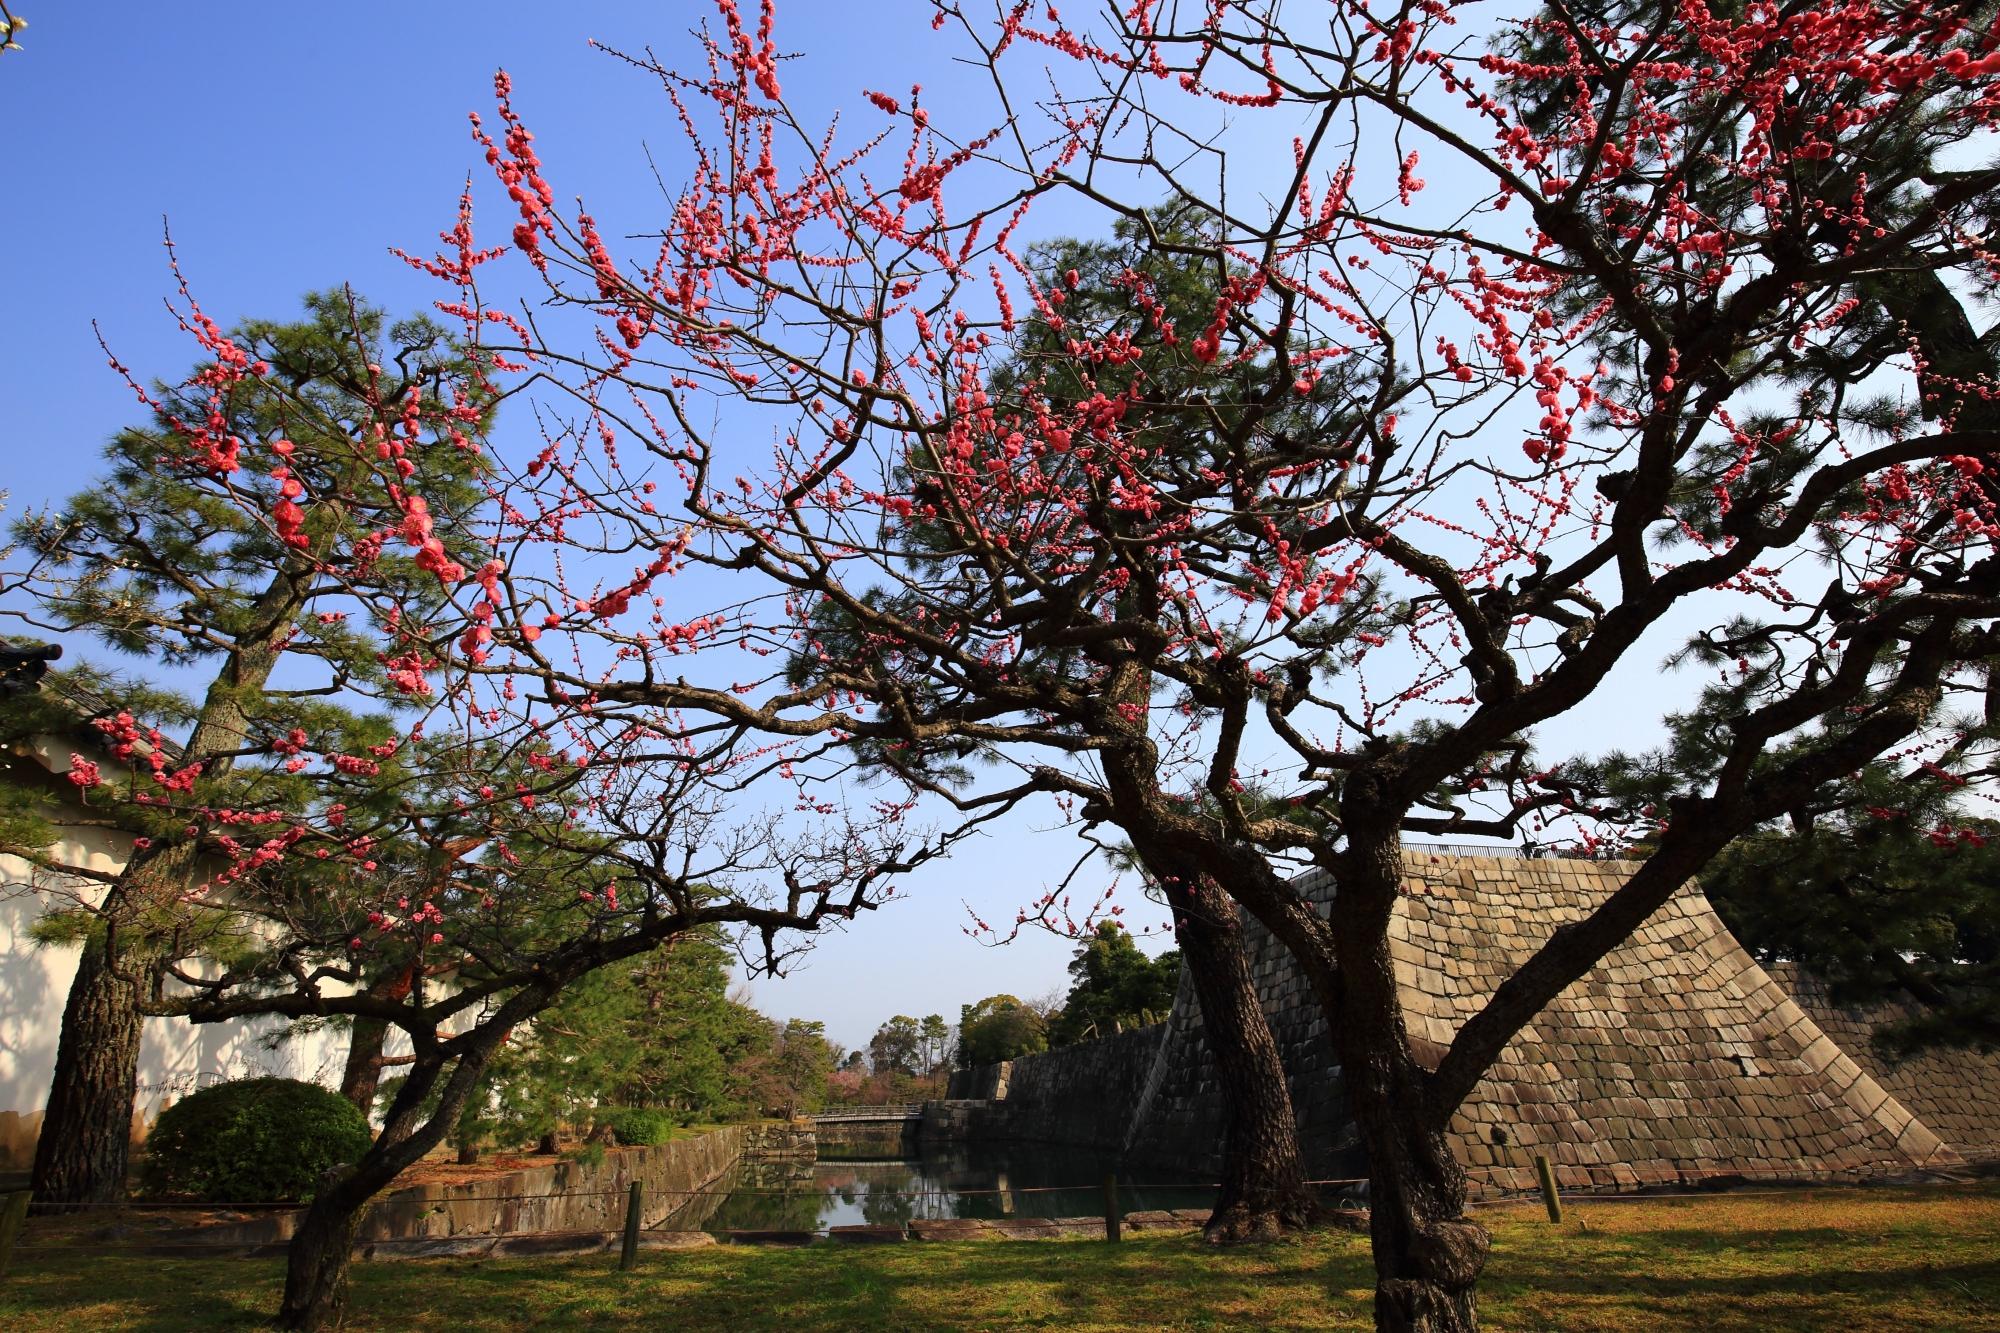 お堀と石垣が引き立てる梅の花